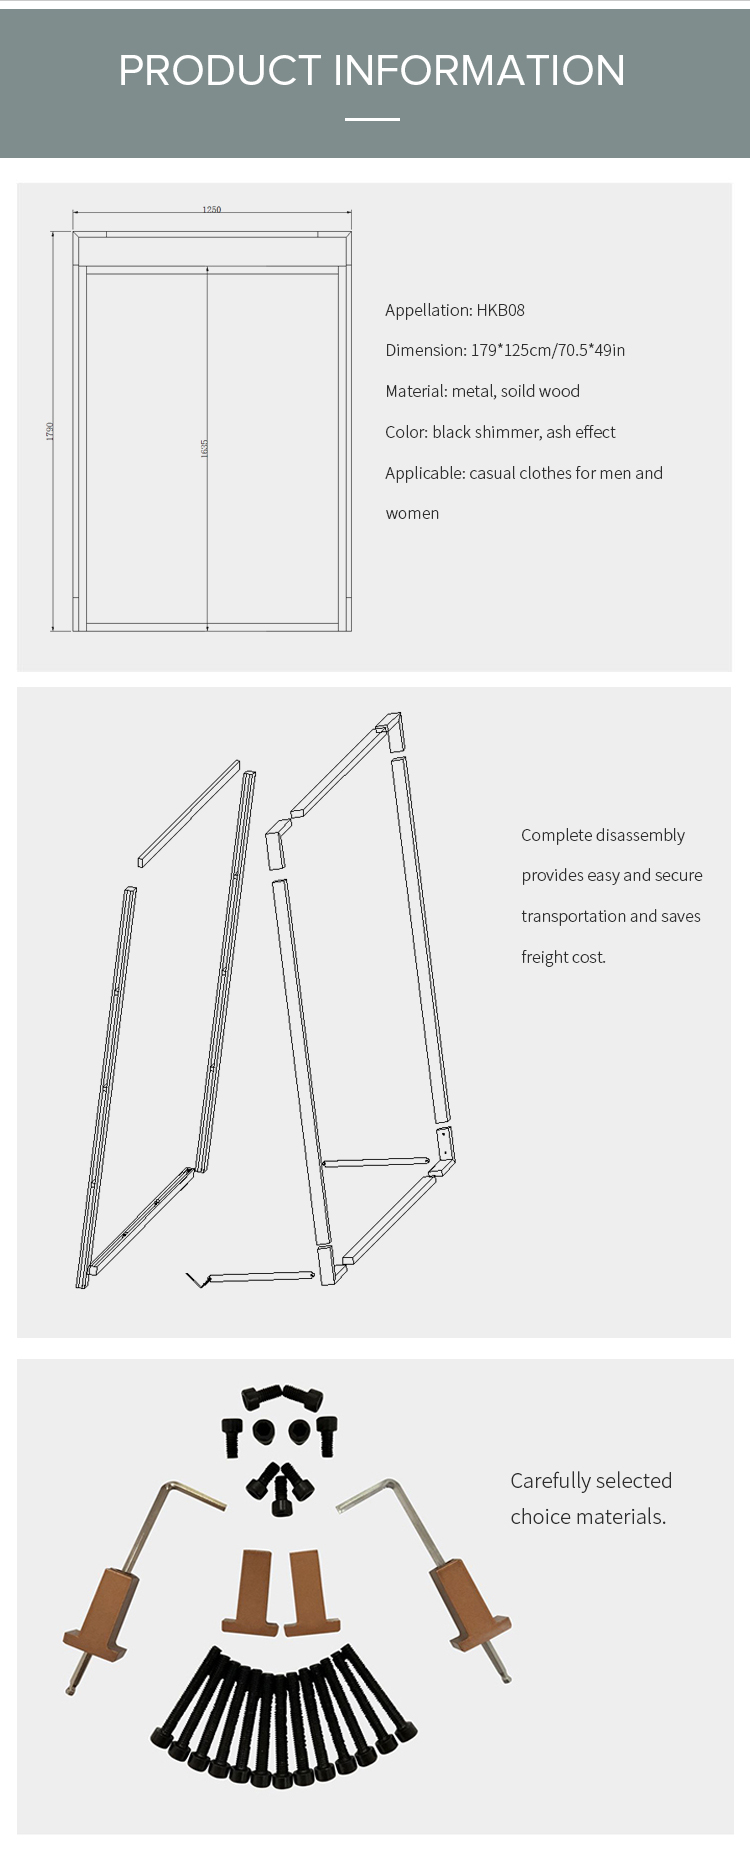 HK деревянная и Металлическая Витрина для одежды, висячая стойка, витрина для магазина одежды, витрина для магазина одежды, дизайн интерьера, витрина